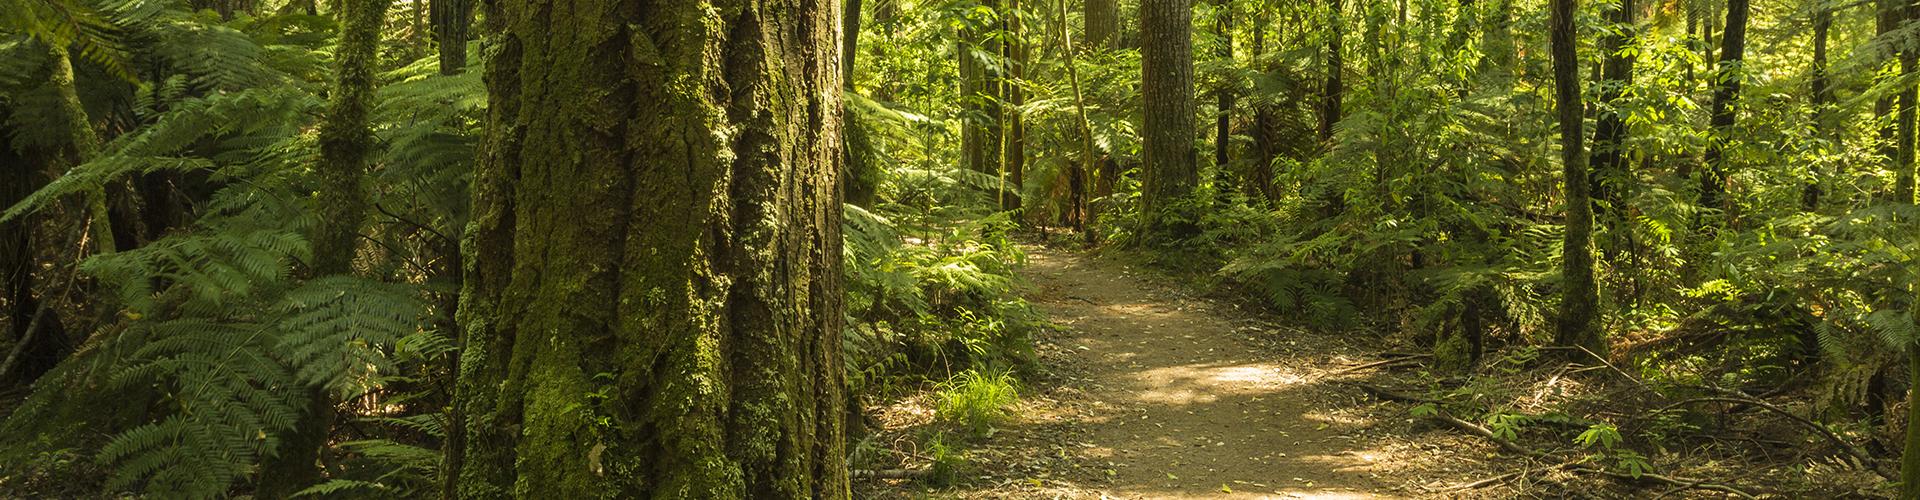 Red Sequoia web design